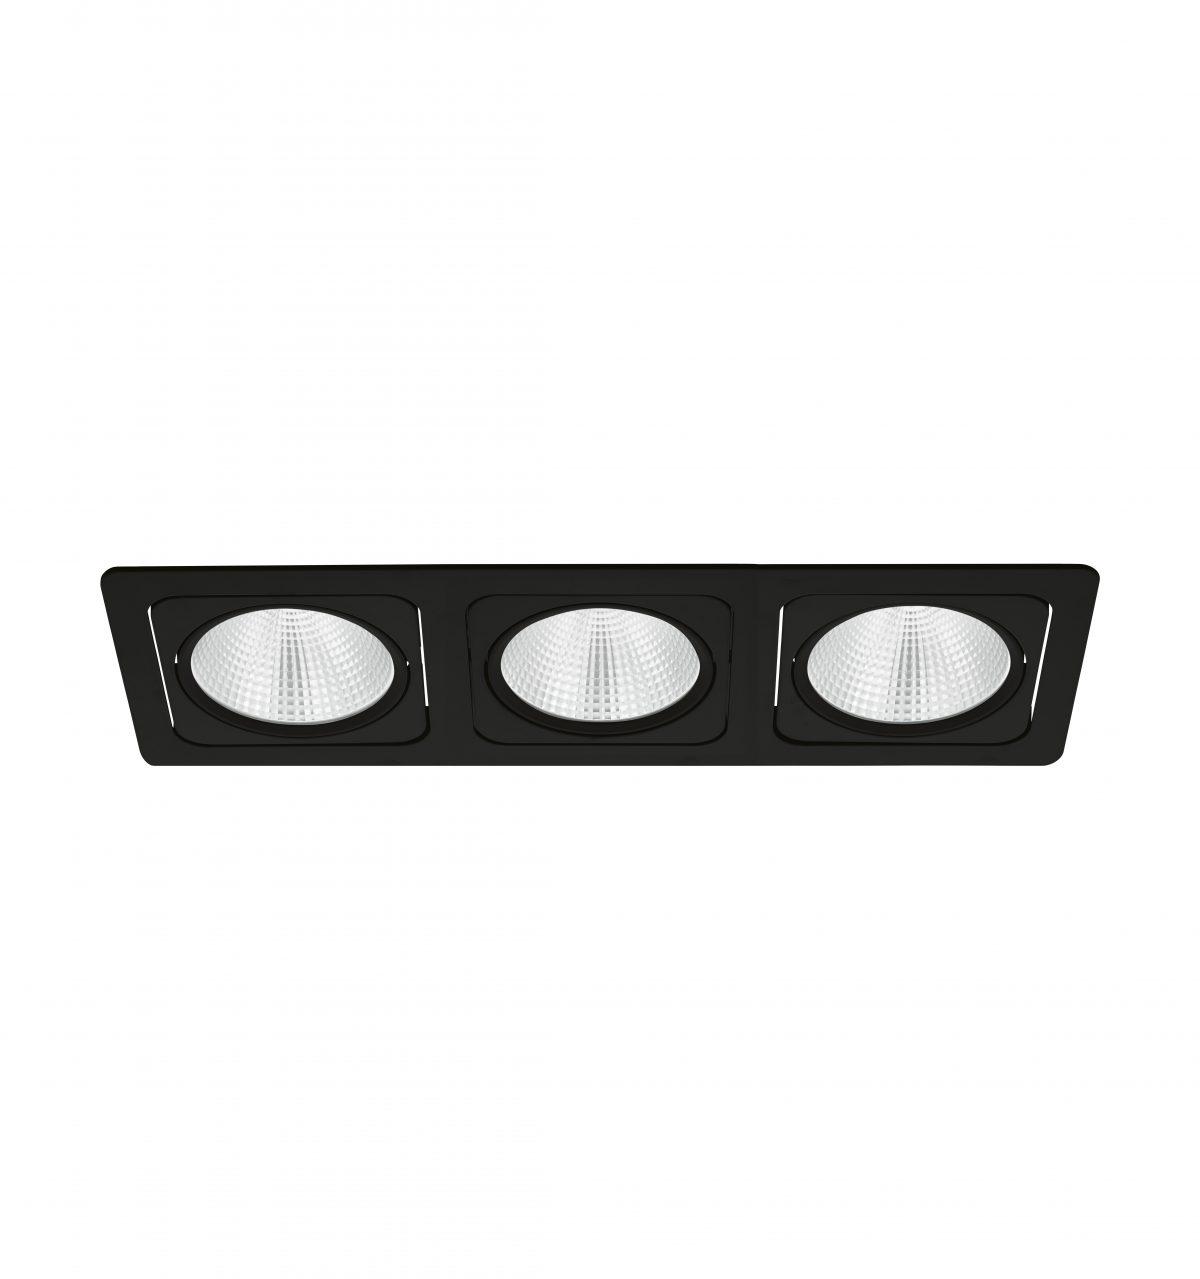 Светильник настенно-потолочный VASCELLO/PROFESSION EGLO 61687 - Фото №28